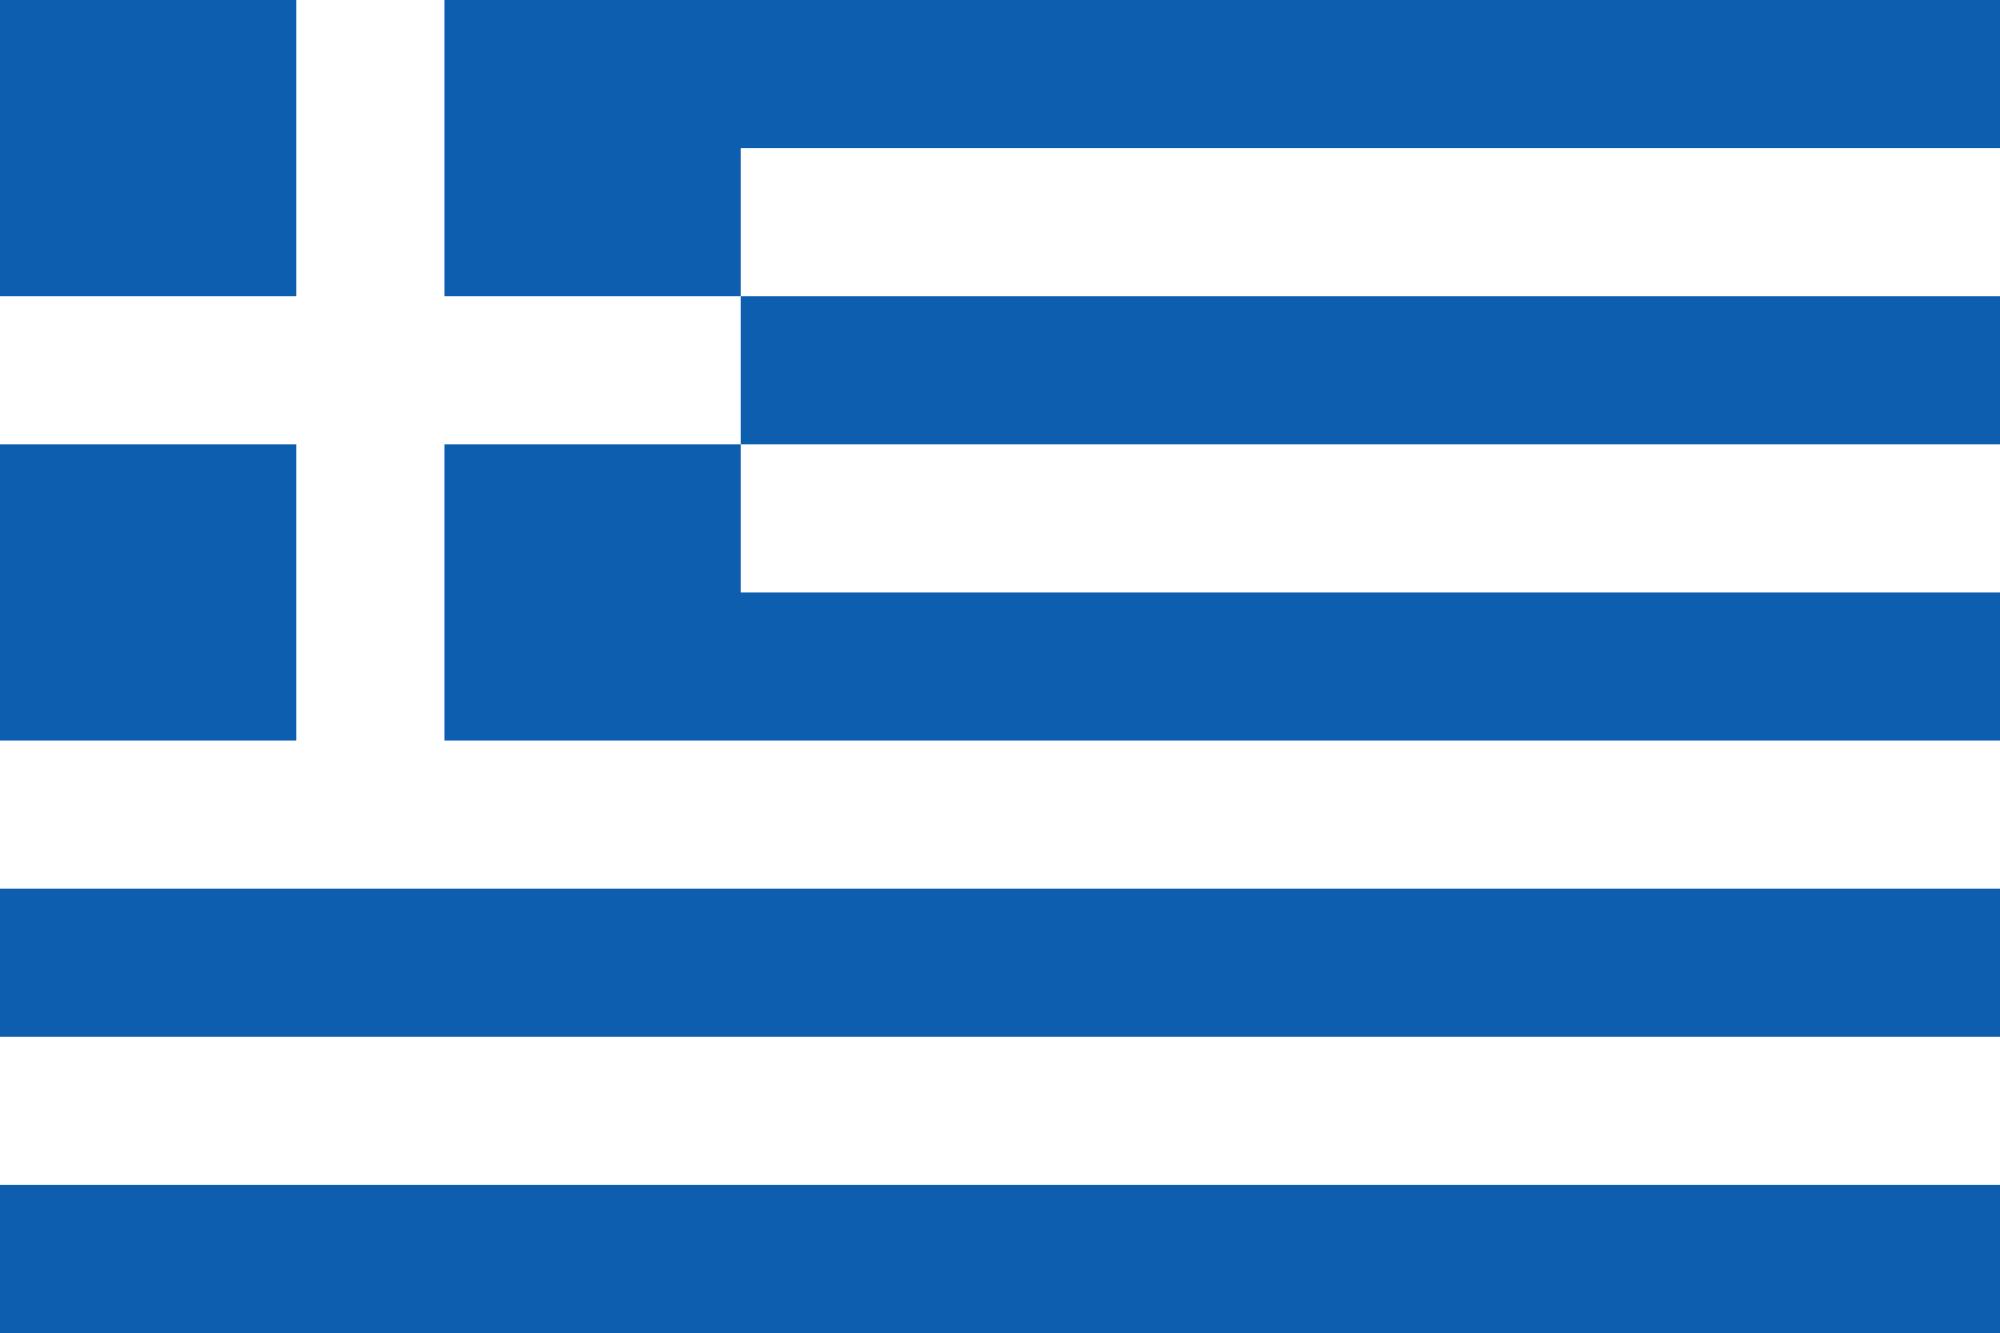 Yunanca - Türkçe Yazılı Tercüme (Boşluksuz 1000 Karakter)